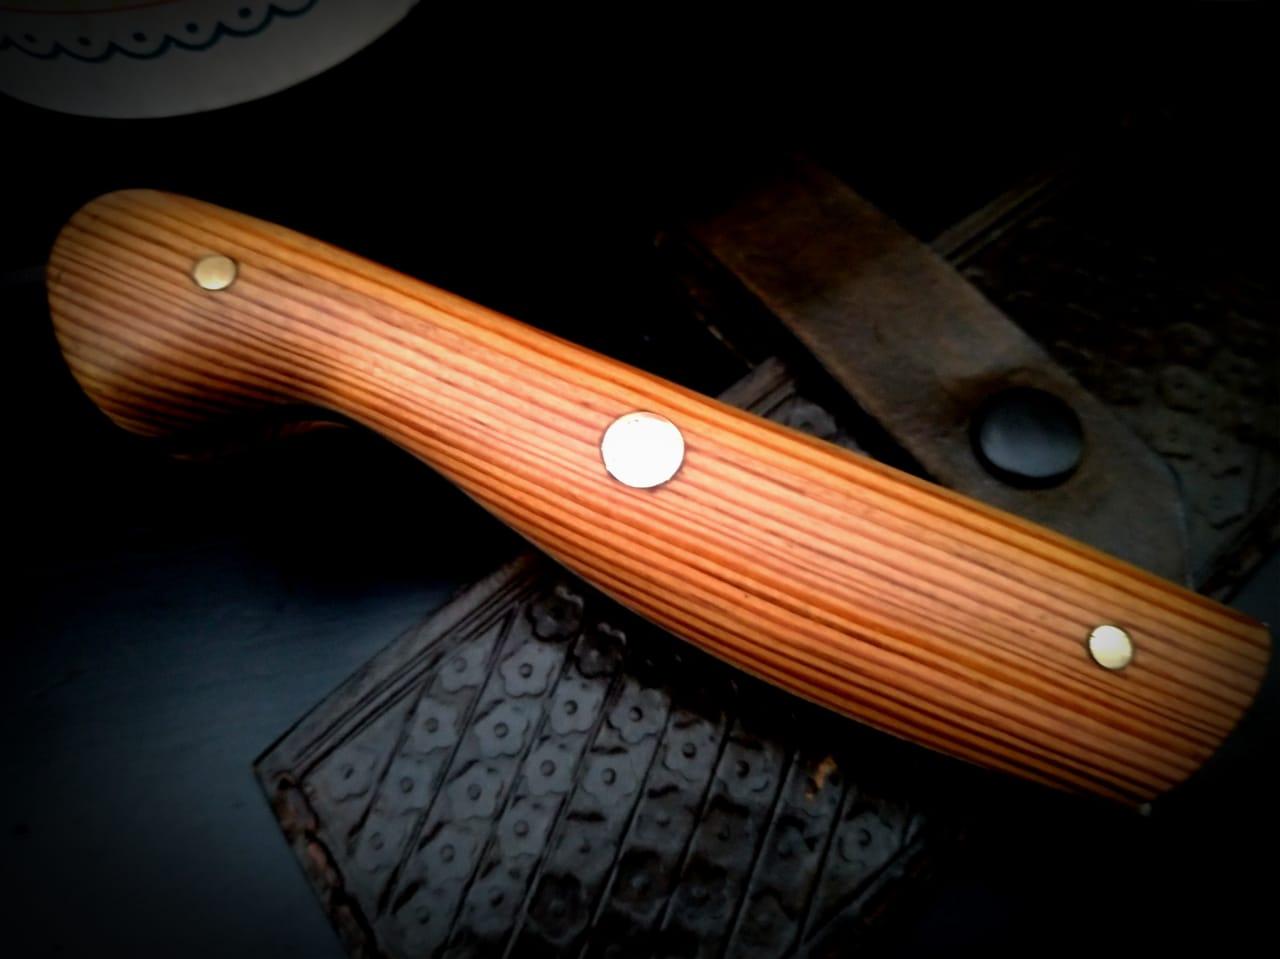 Cutelo artesanal tradicional  full tang